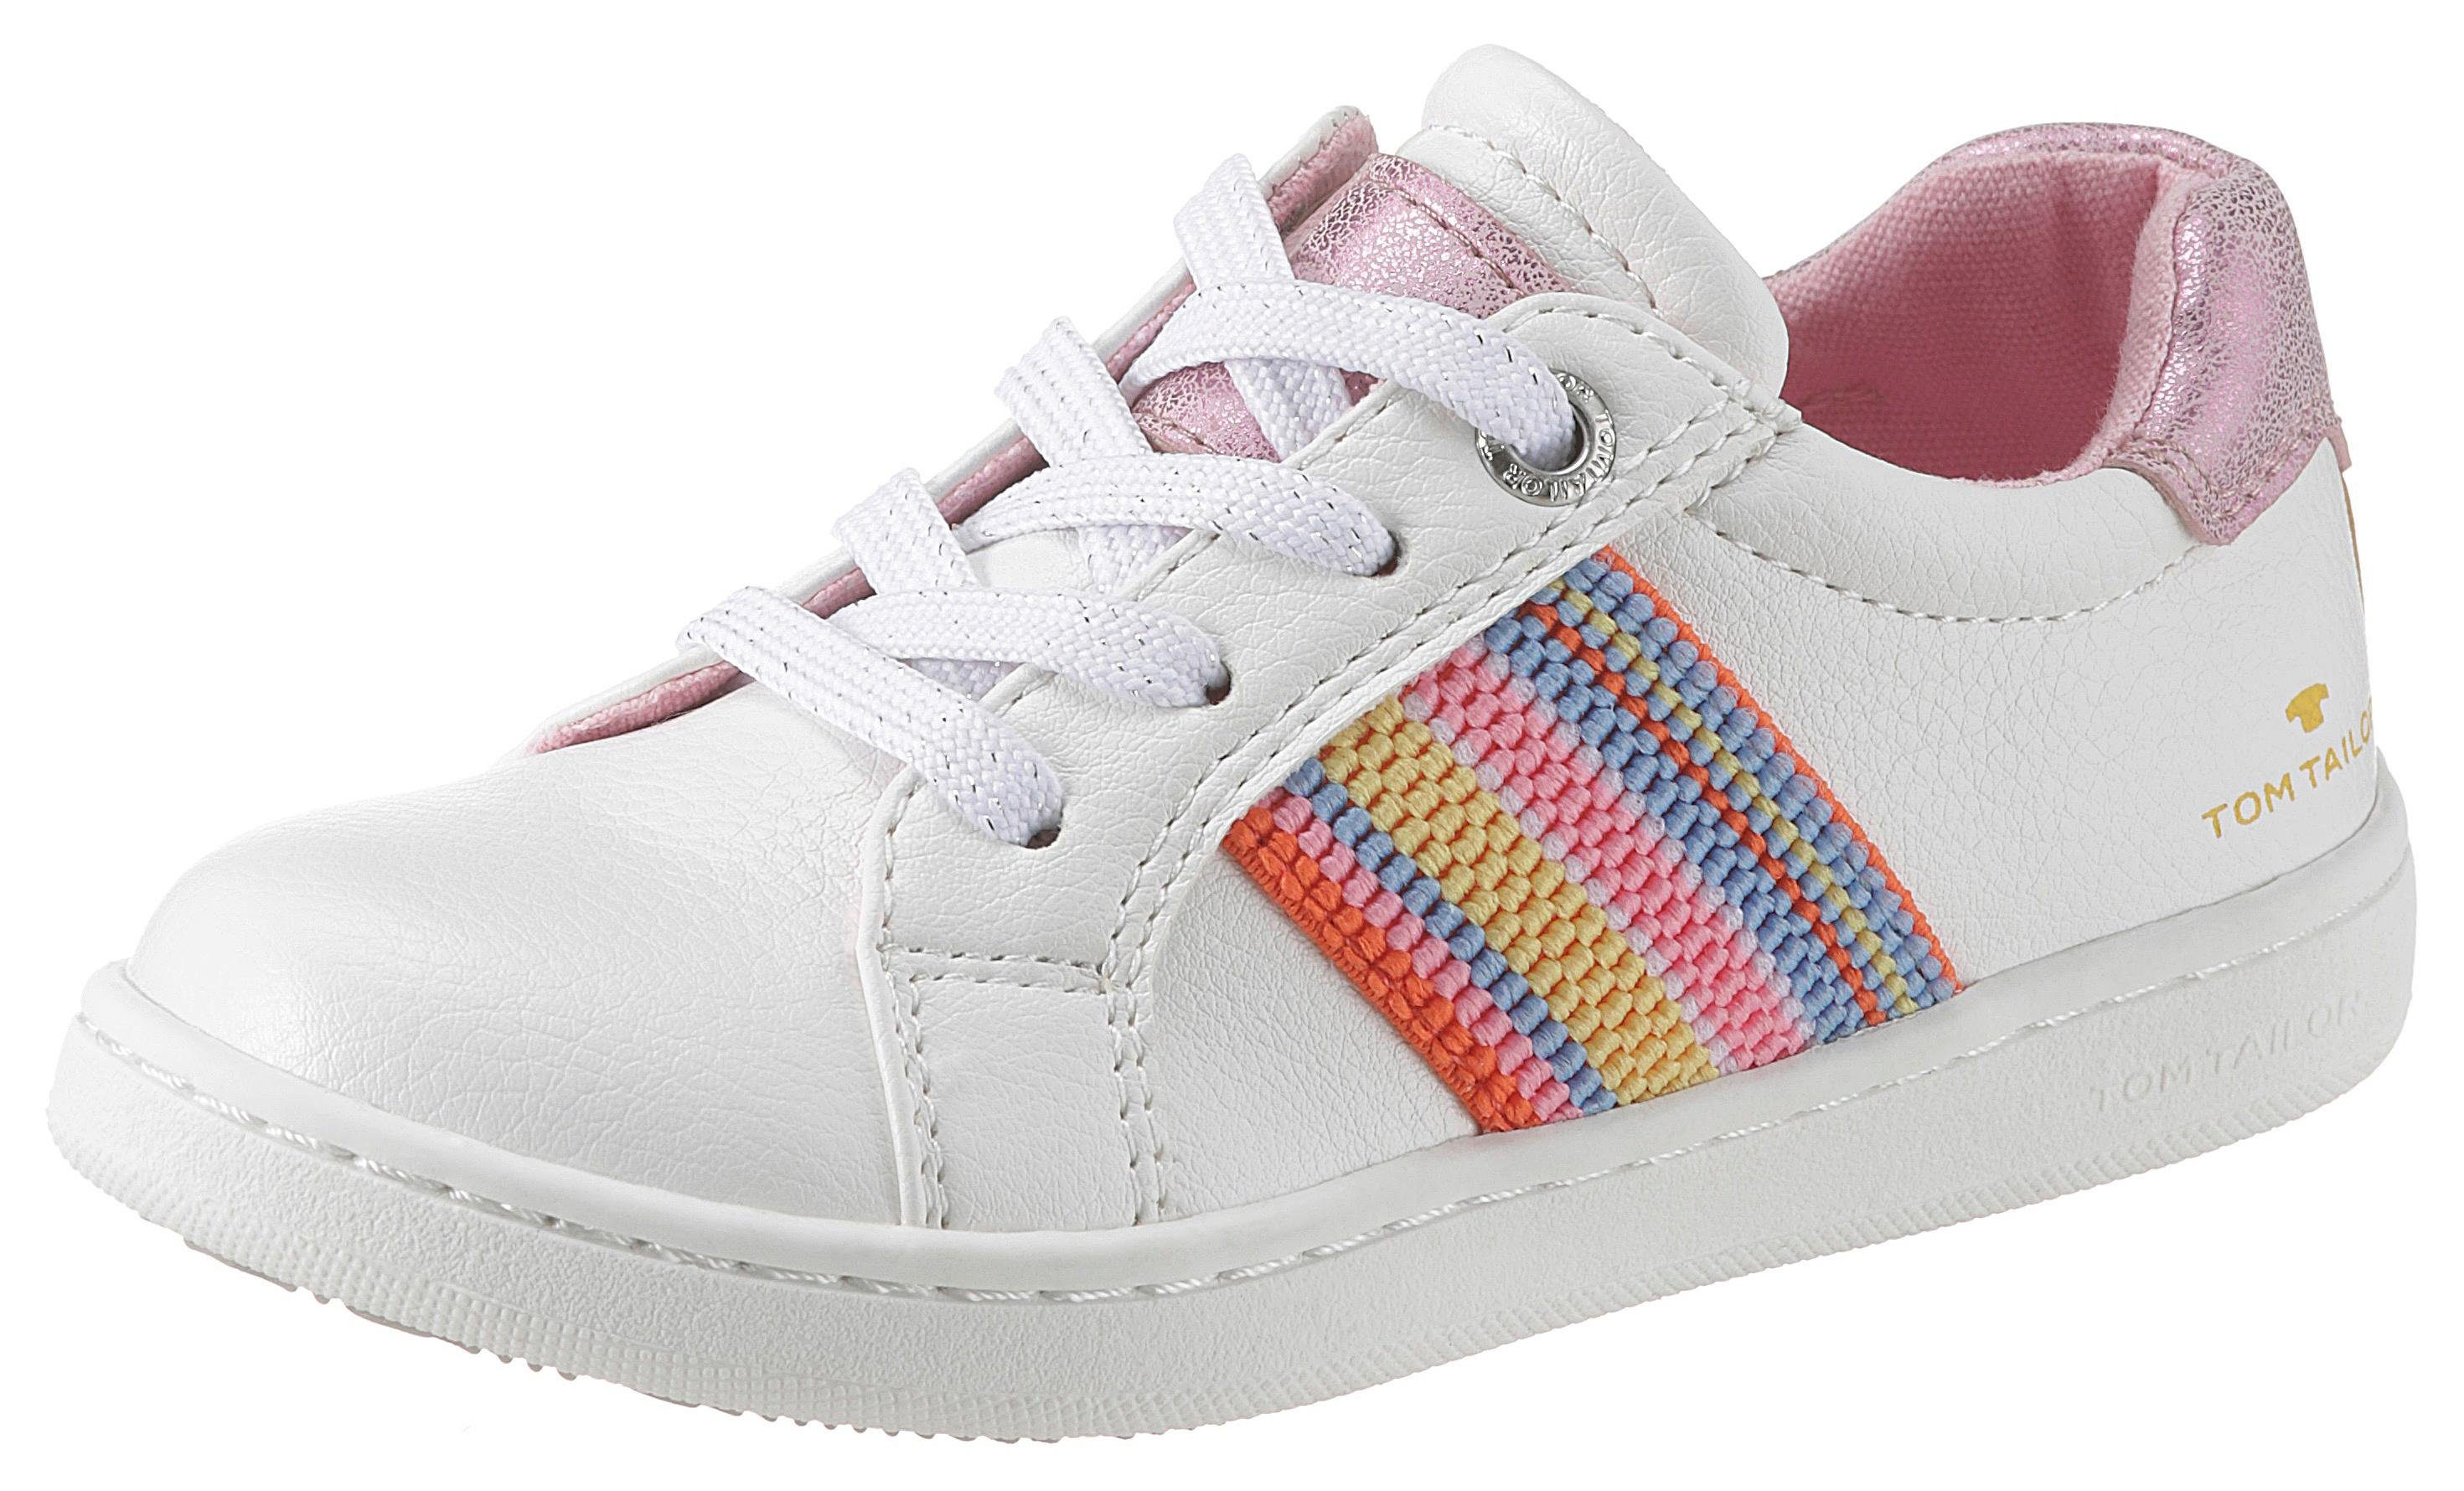 TOM TAILOR Sneaker mit Regenbogenstreifen kaufen | OTTO